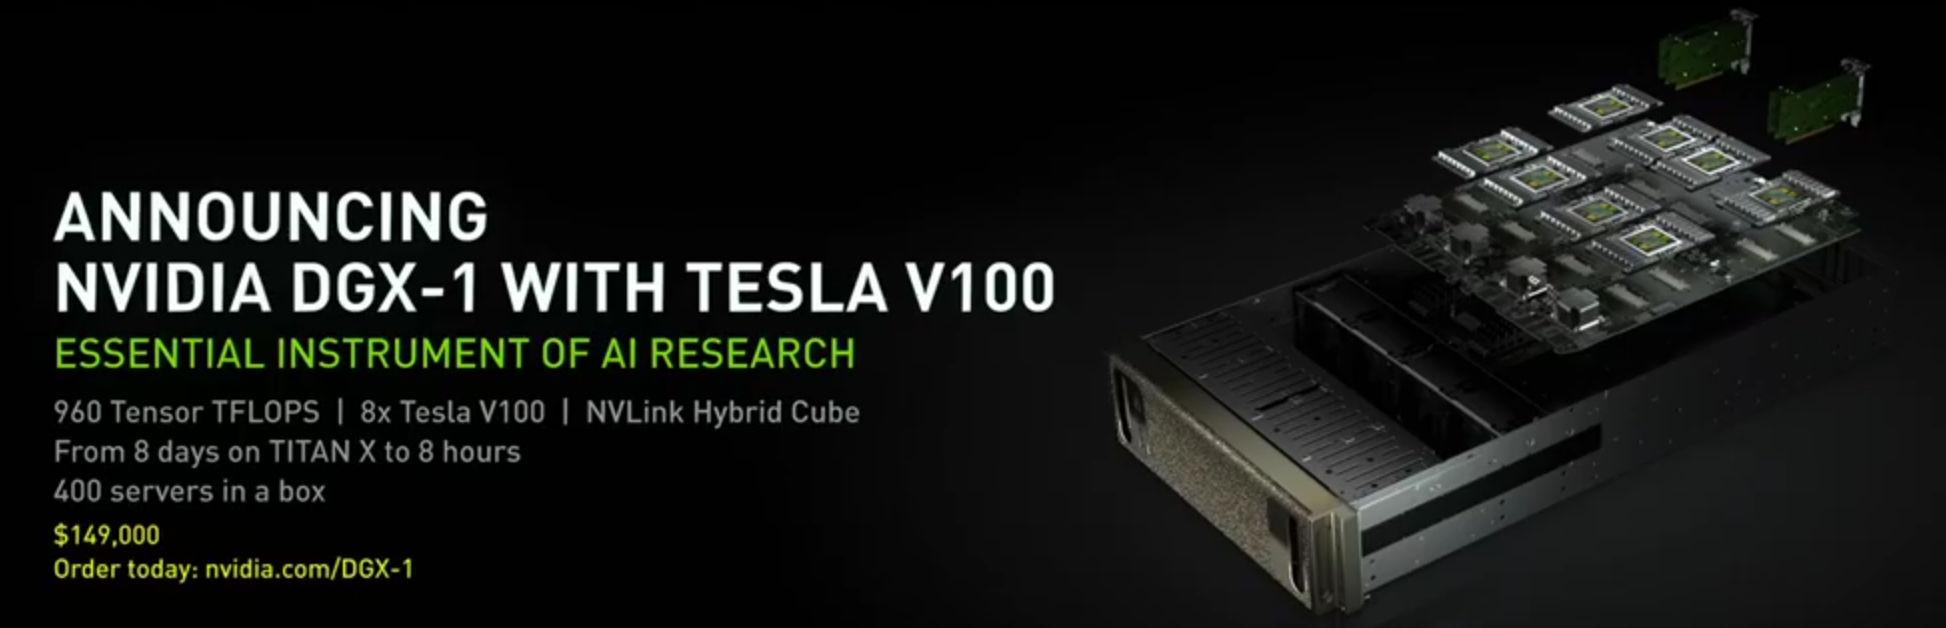 NVIDIA's new Volta-powered DGX-1 costs $149,000